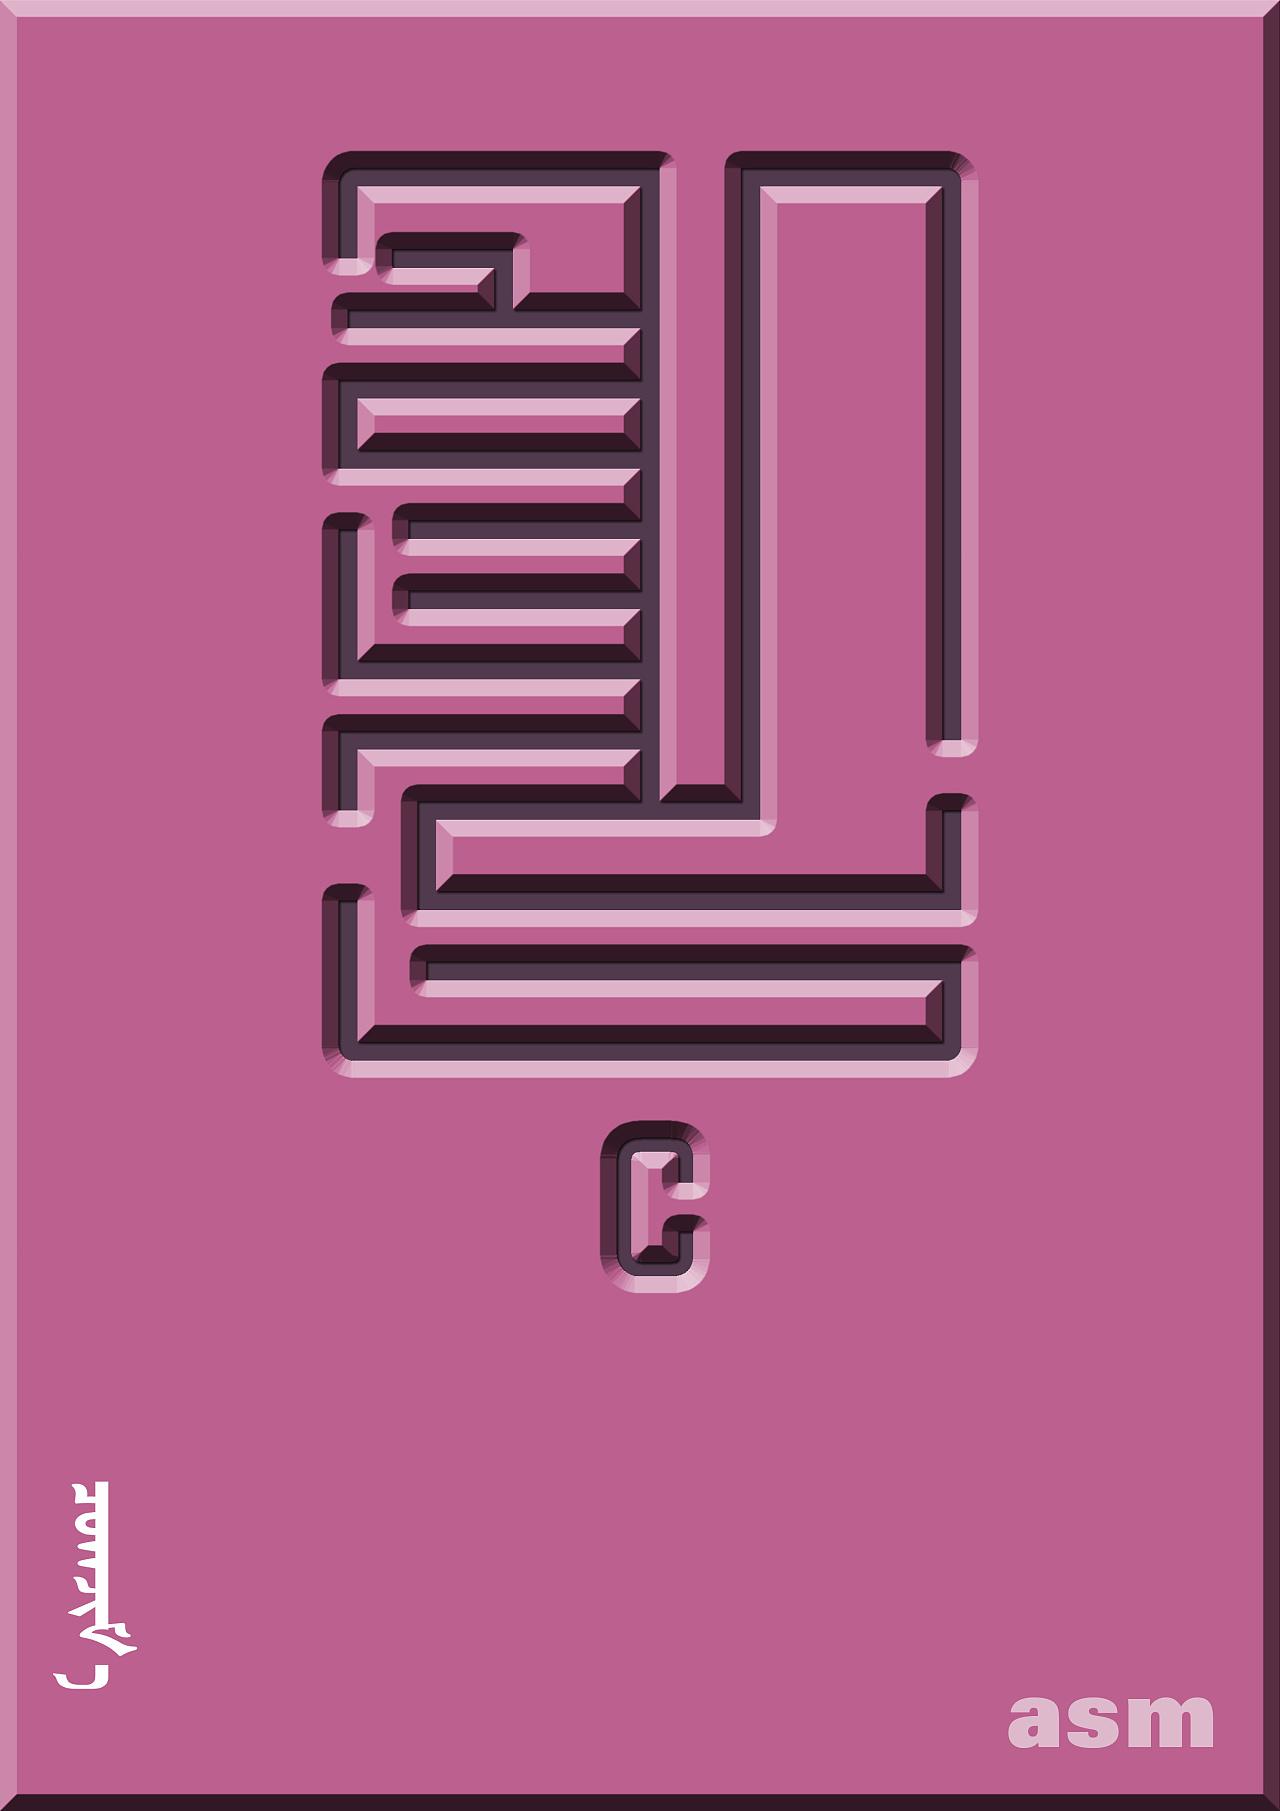 蒙古艺术文字4 -阿斯玛设计 第2张 蒙古艺术文字4 -阿斯玛设计 蒙古设计